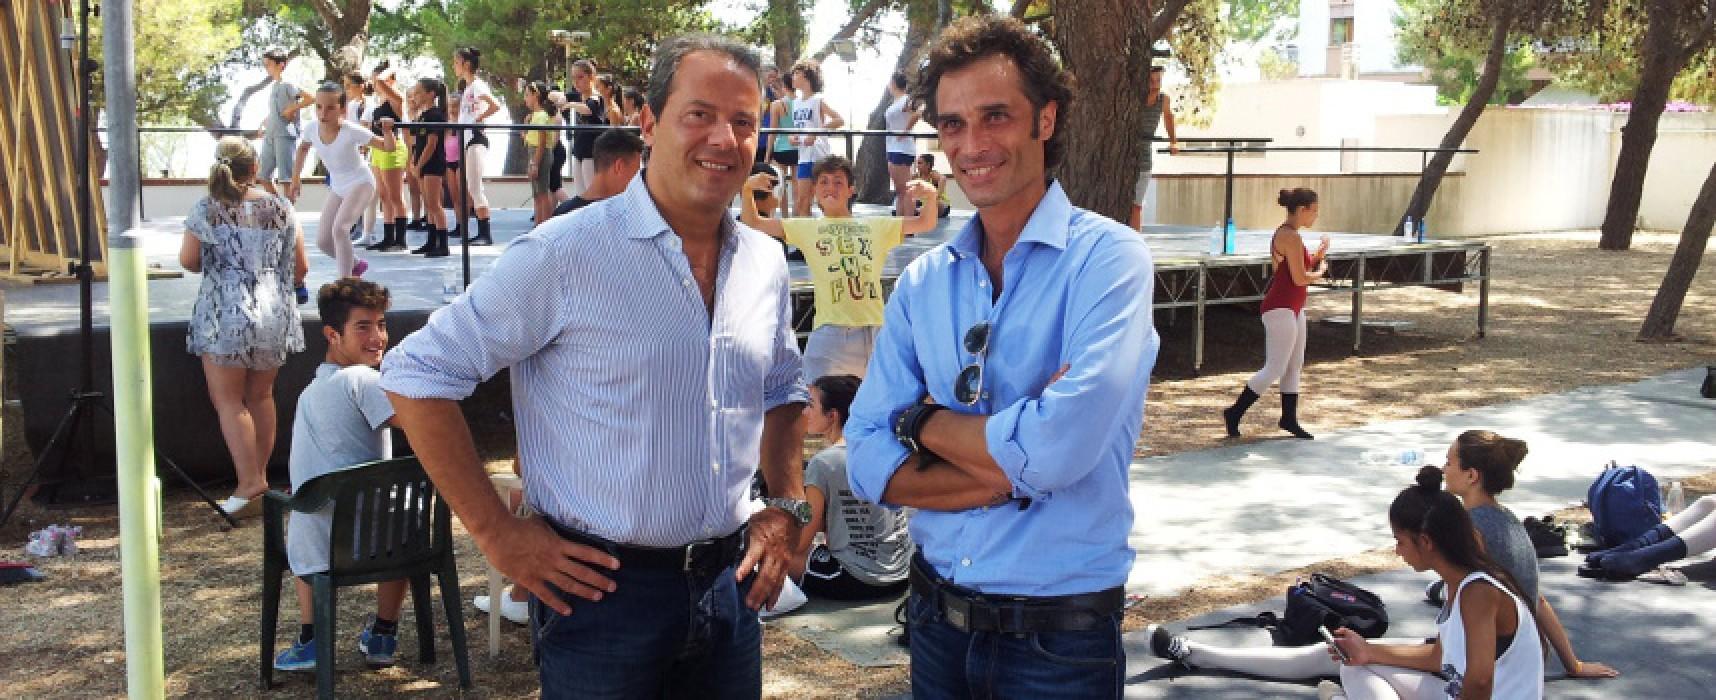 """Riapre il camping """"La Batteria"""", gestione affidata all'imprenditore Giuseppe De Nicolo"""